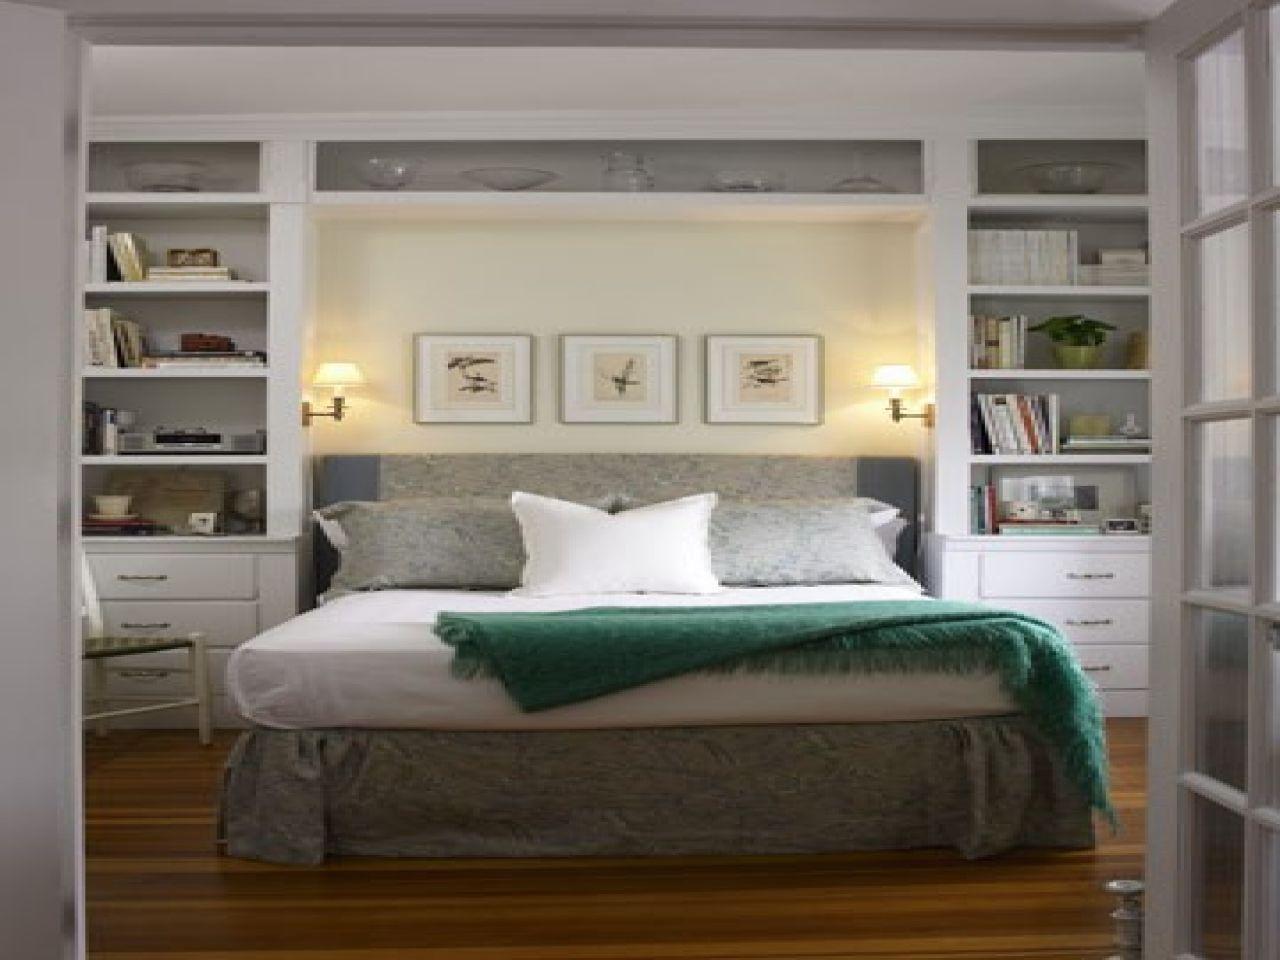 Best Bedroom Built In Bedroom Bookshelf Built In Shelves 400 x 300